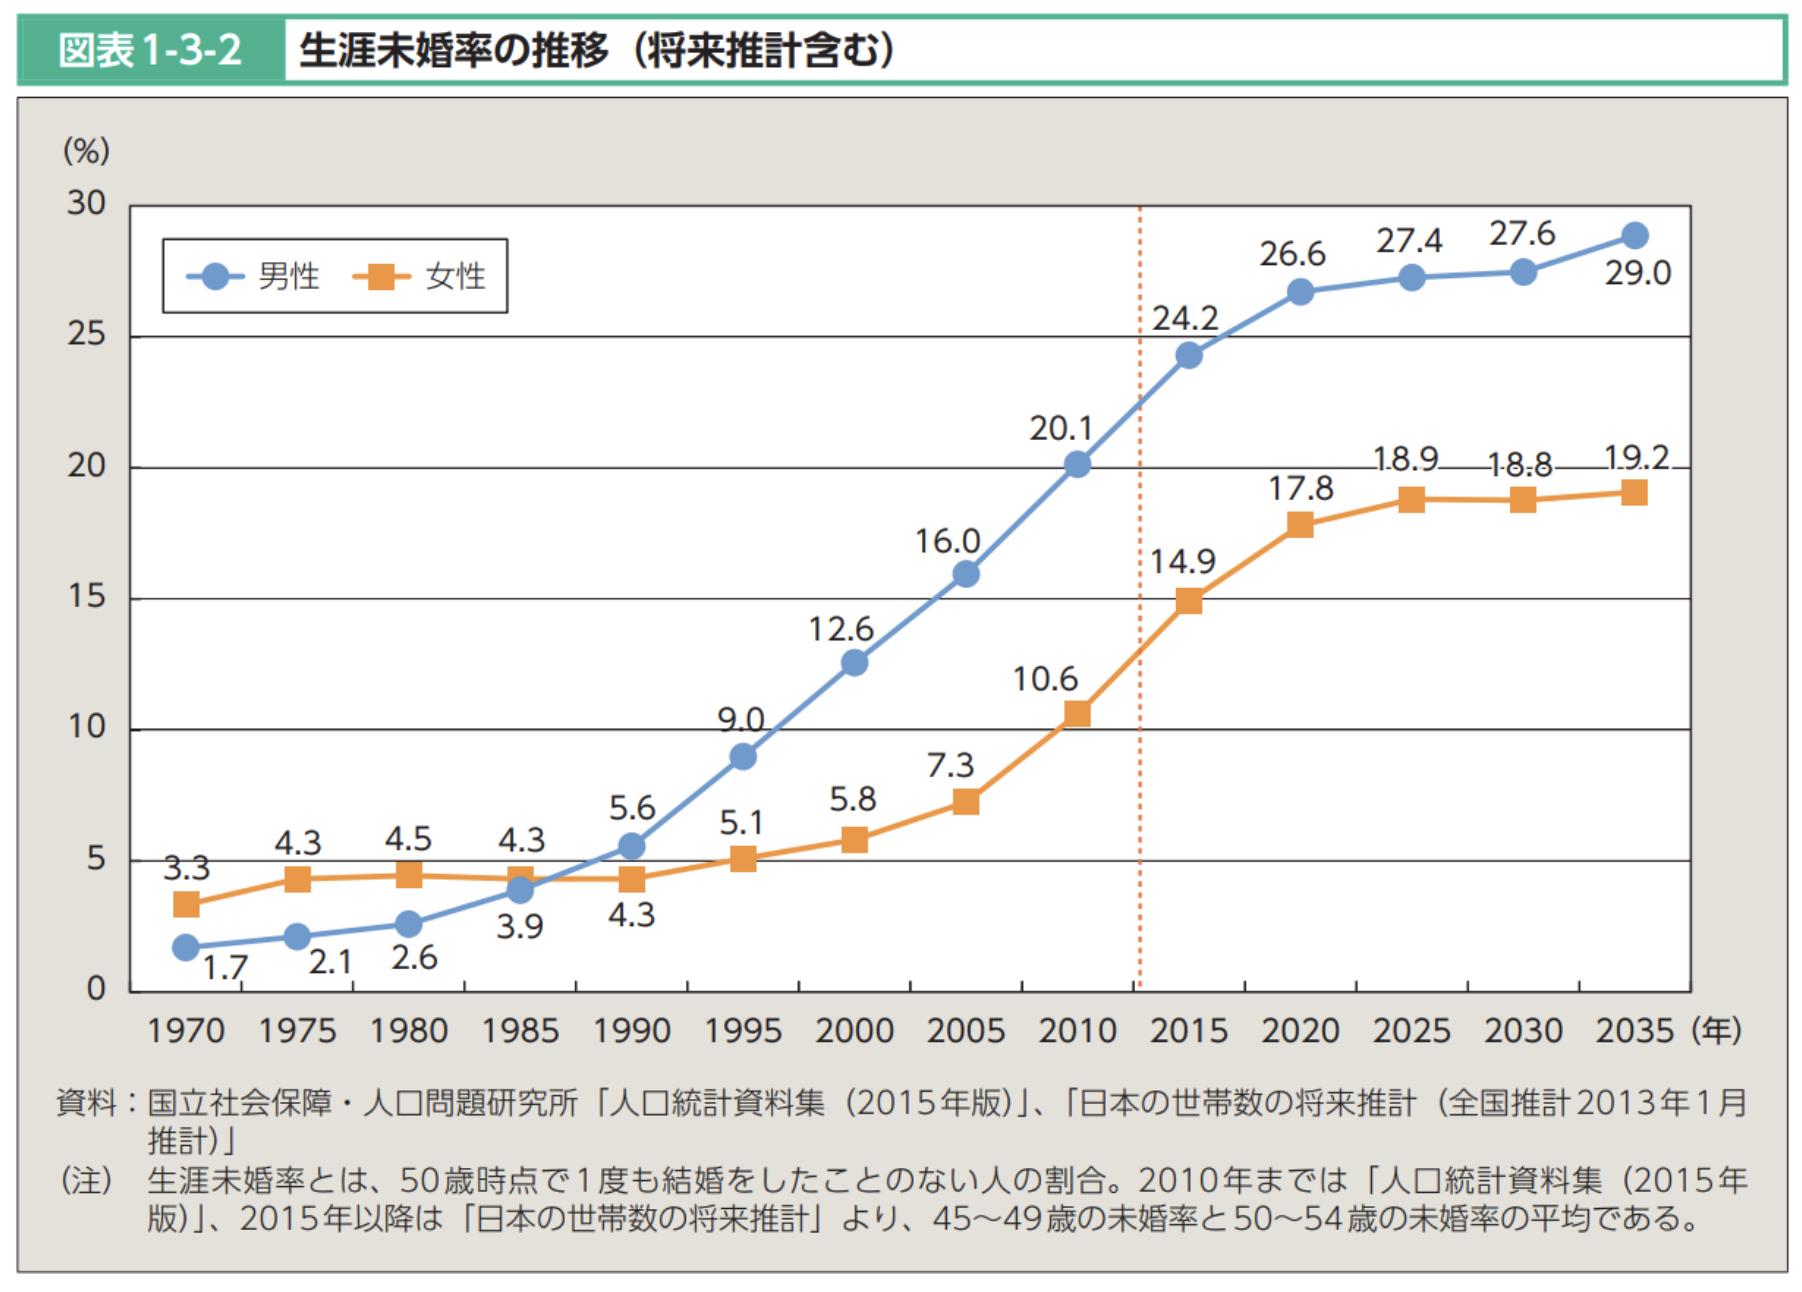 平成27年版厚生労働白書 -人口減少社会を考える-生涯未婚率の推移